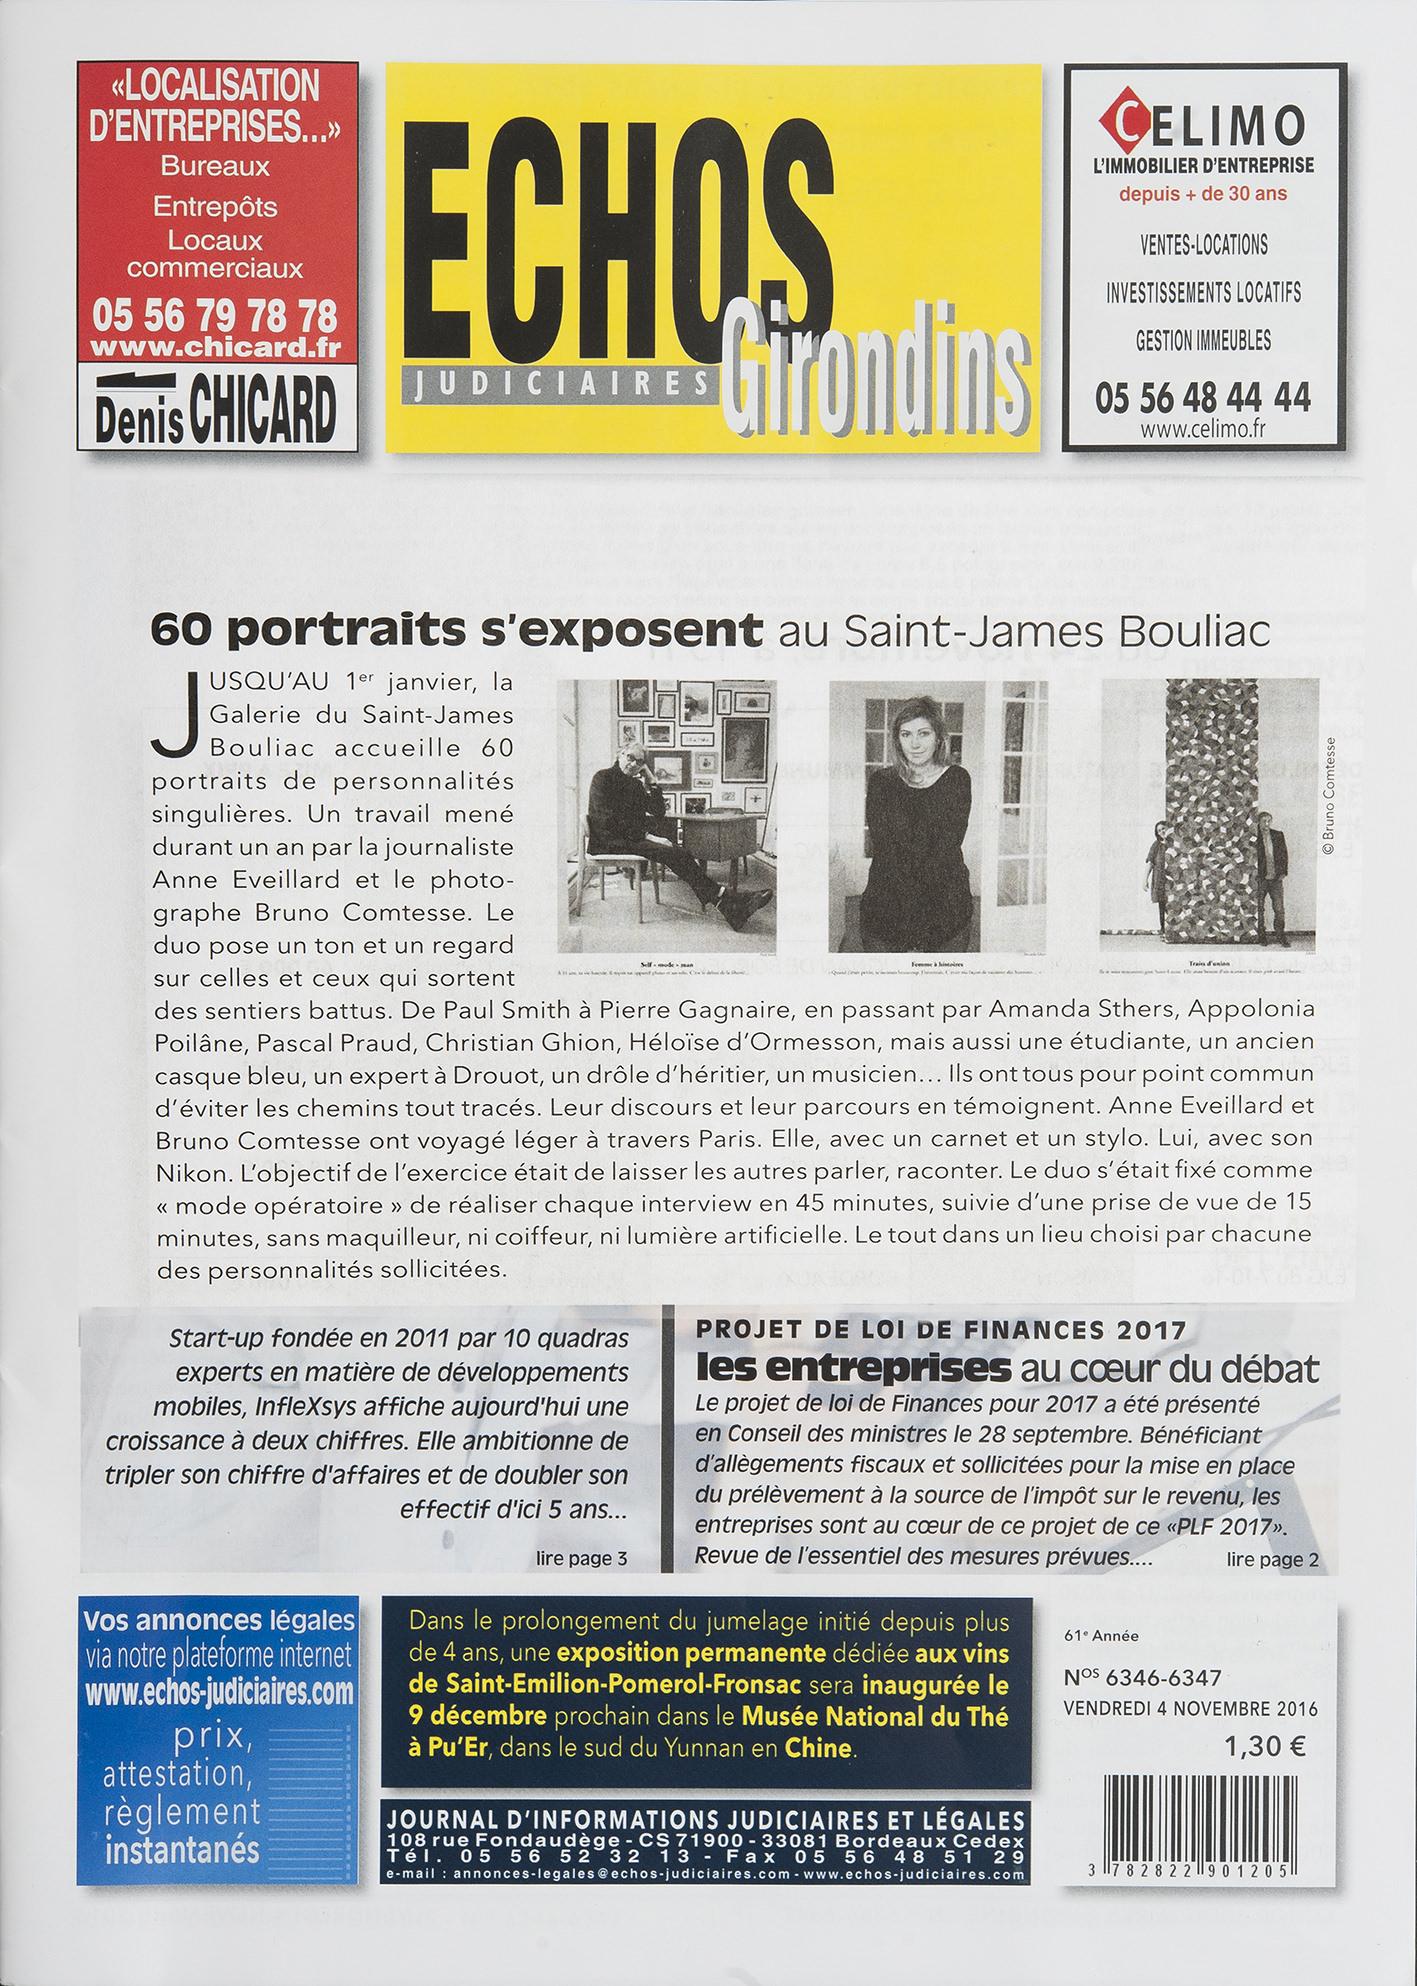 echos-girondins-blog